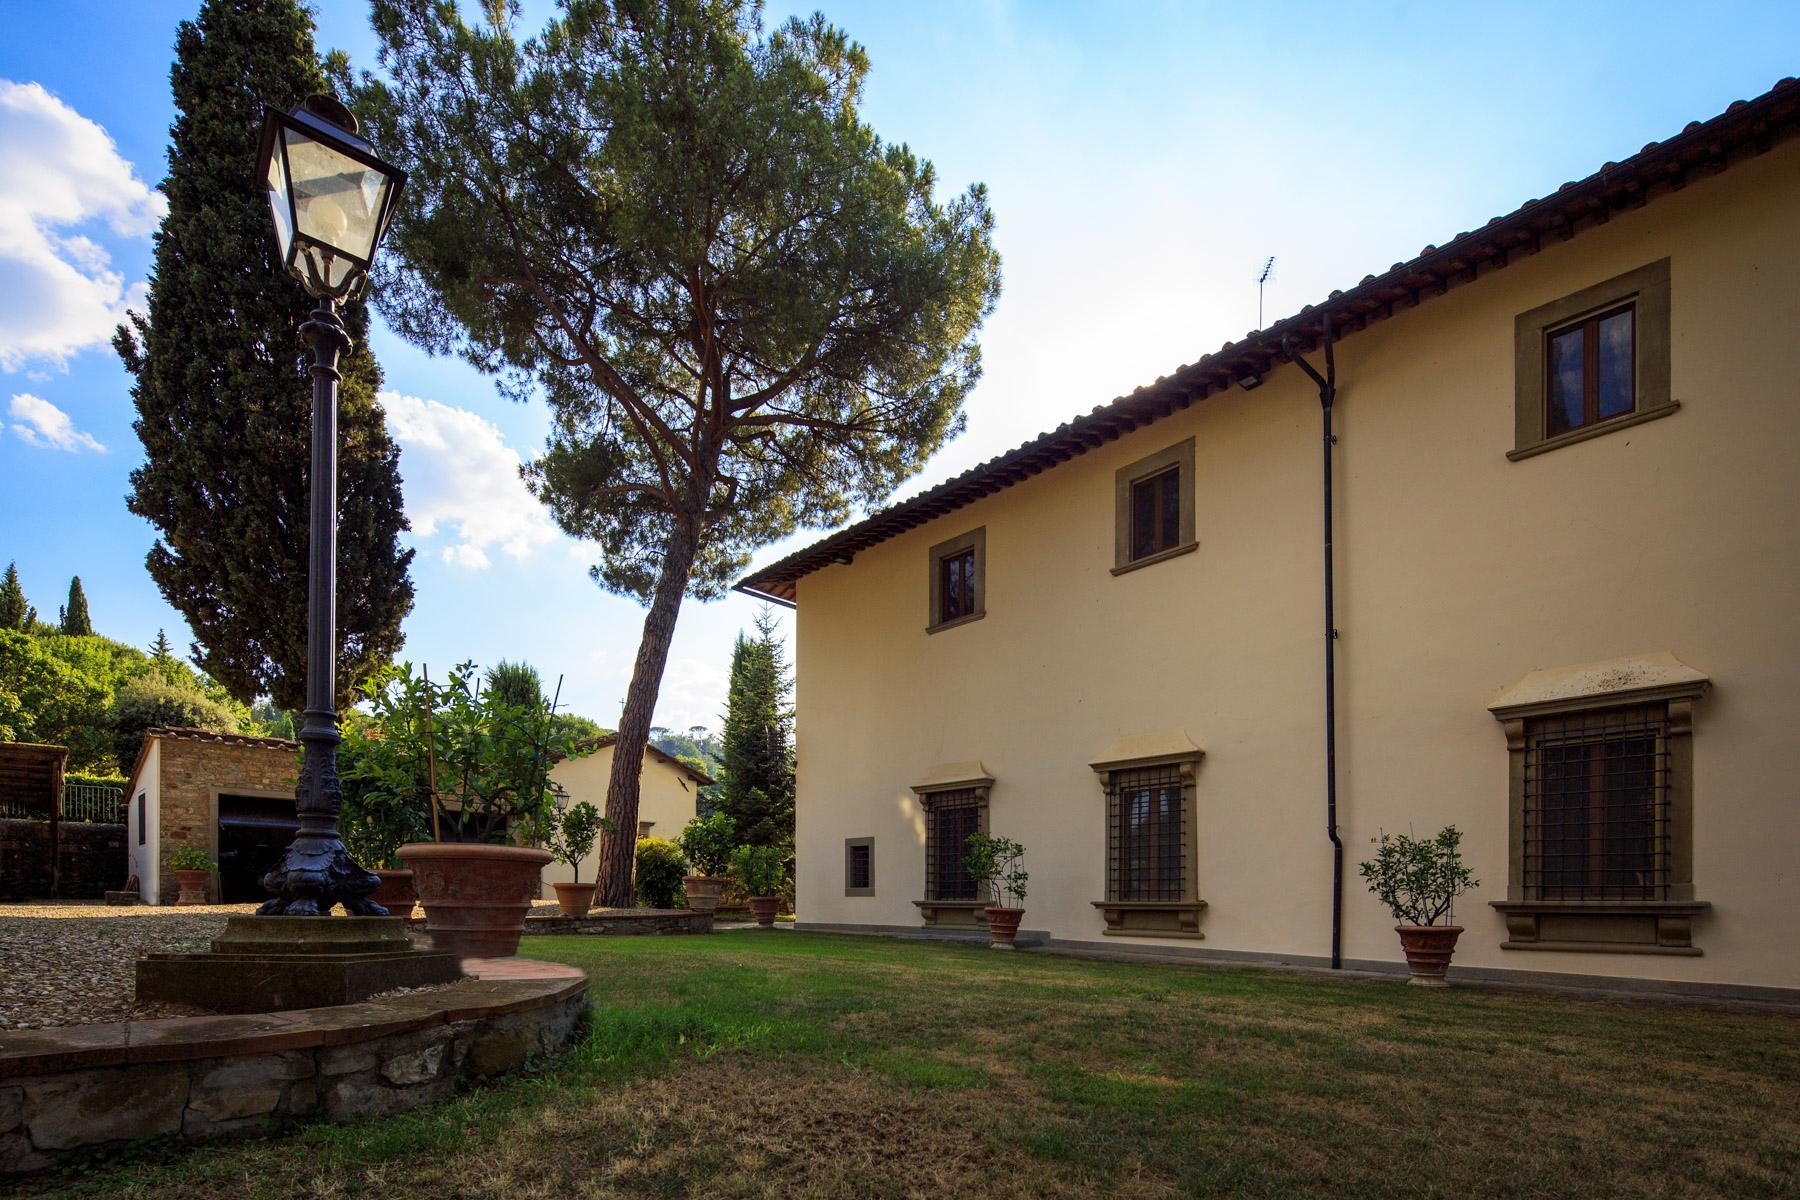 Villa Renaissance avec hameau privé sur les collines de Florence - 4